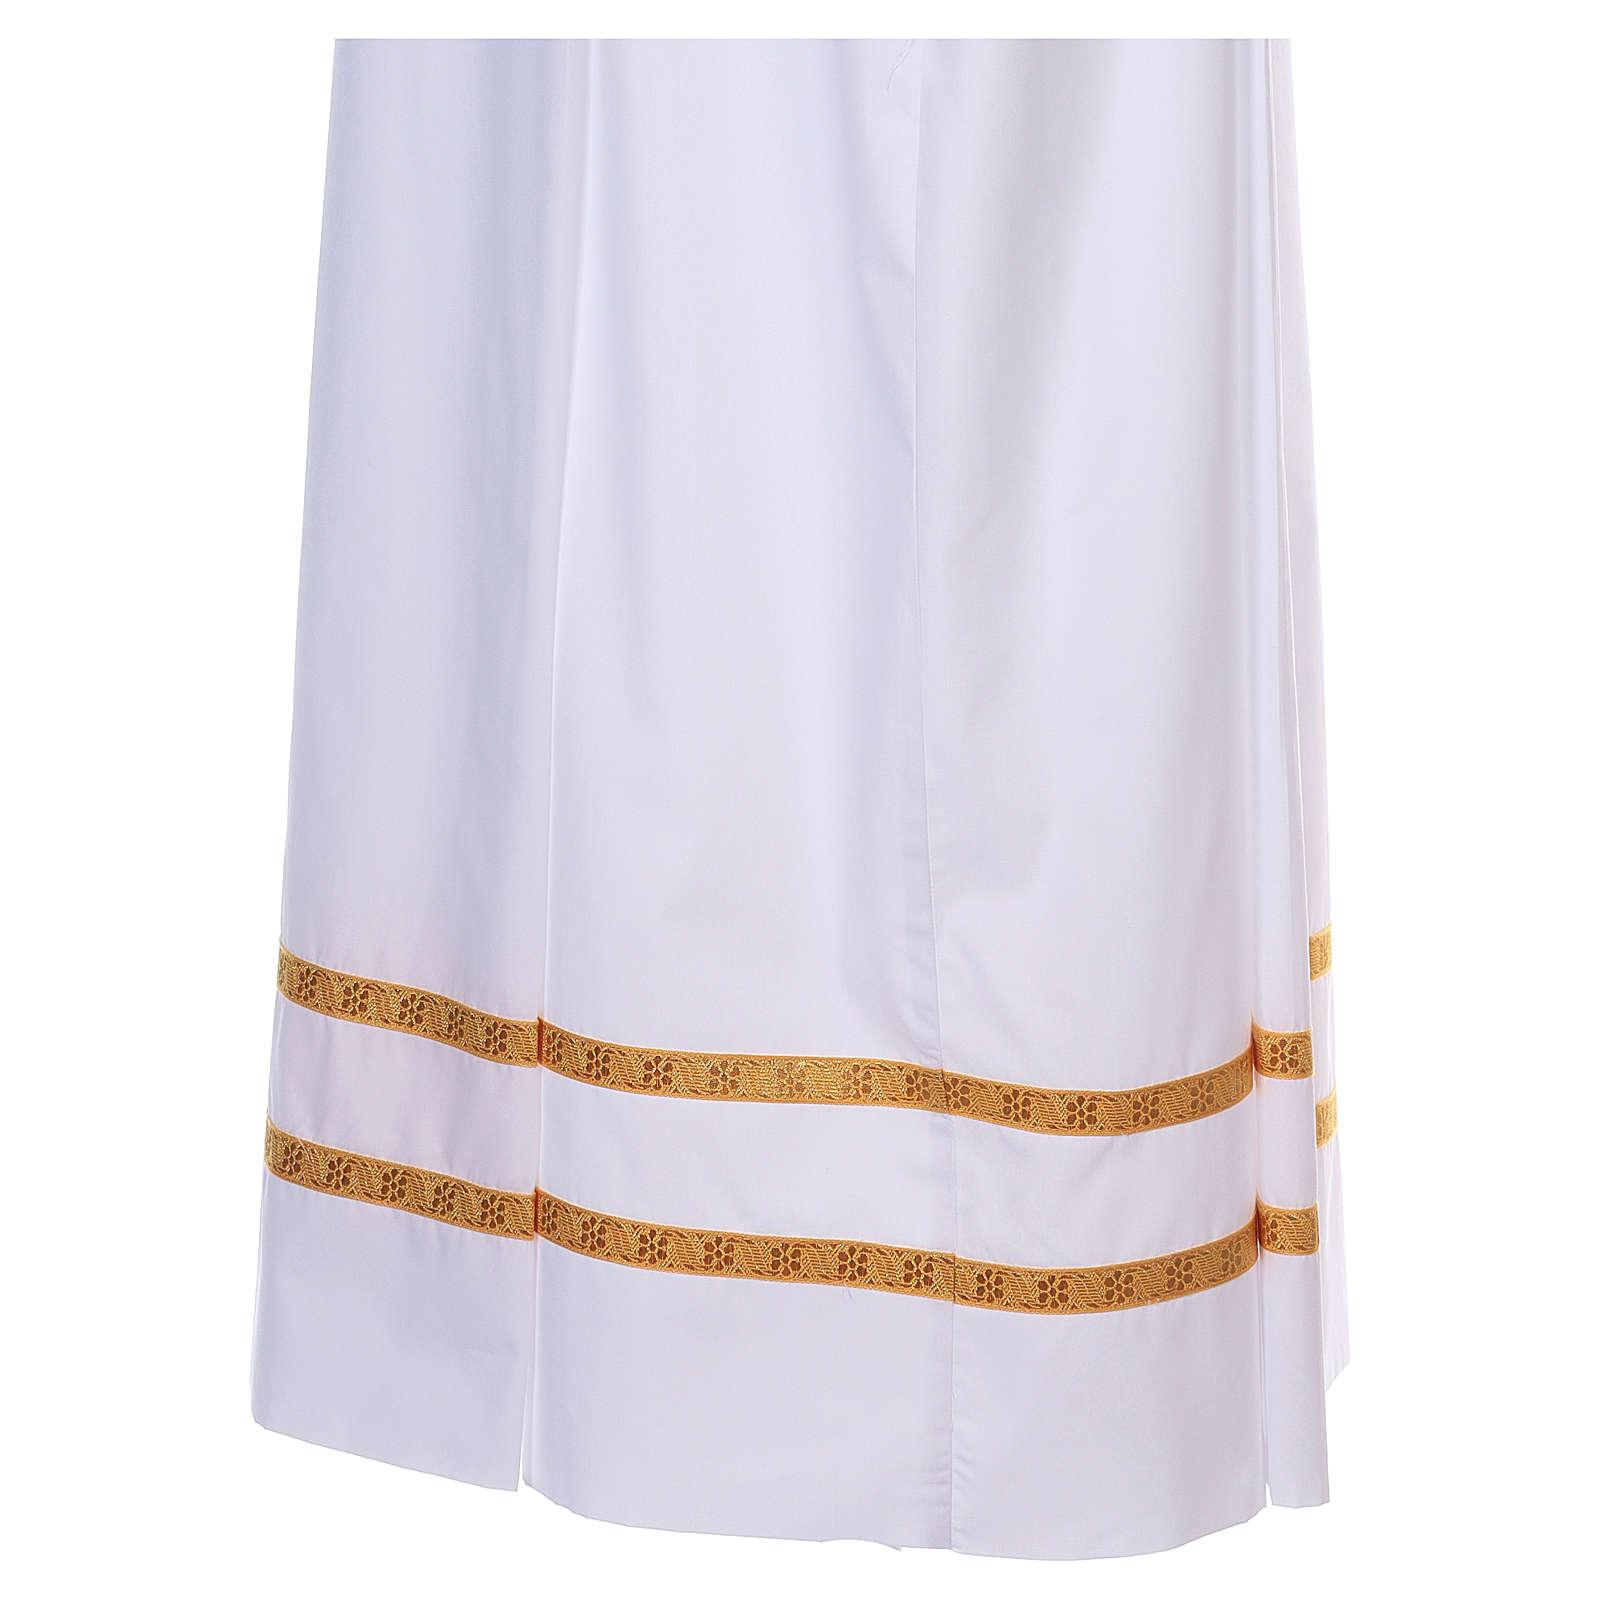 Albe Baumwolle Mischung 2 Falten goldenen Dekorationen weiß 4